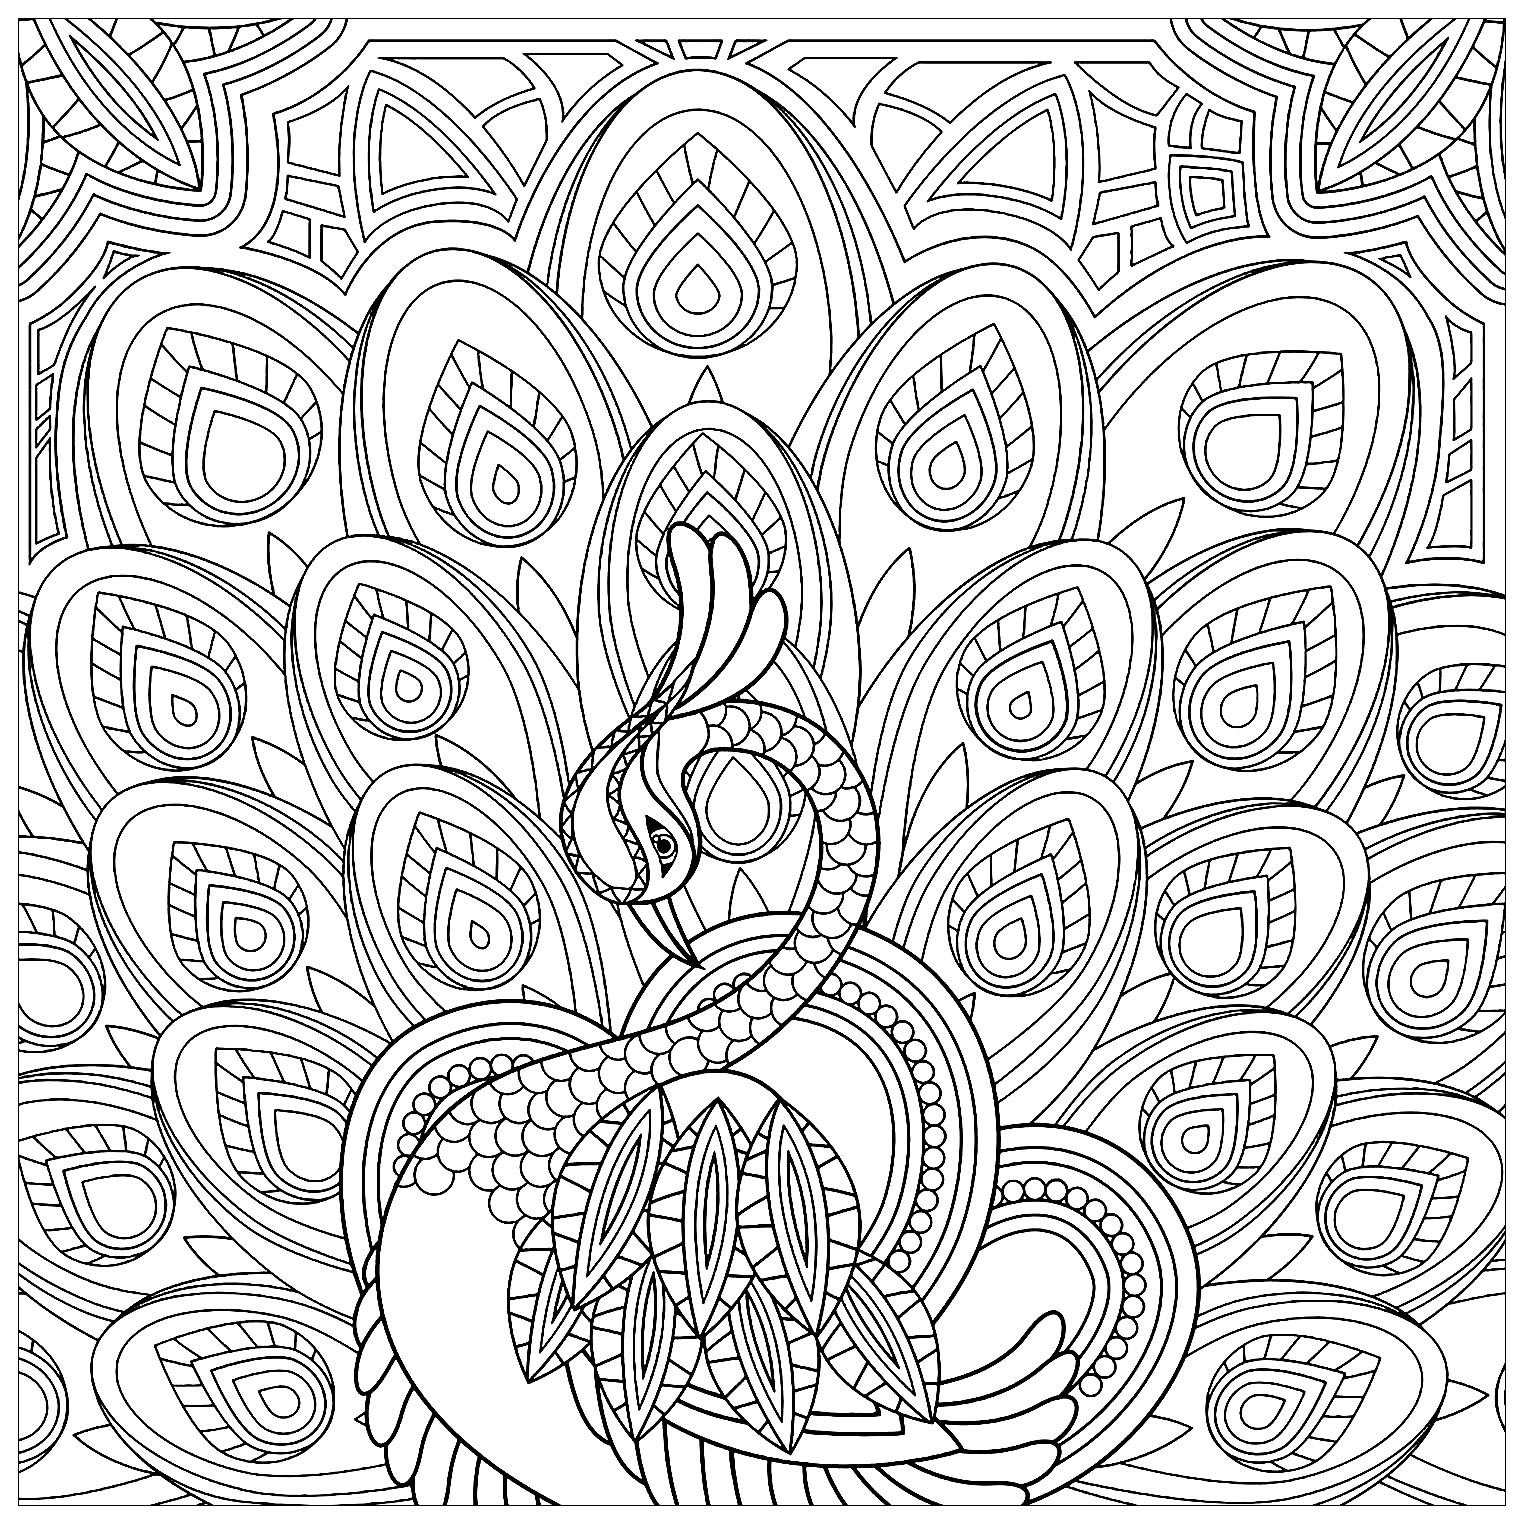 Joli coloriage de paon carré, totalement rempli de motifs à colorier